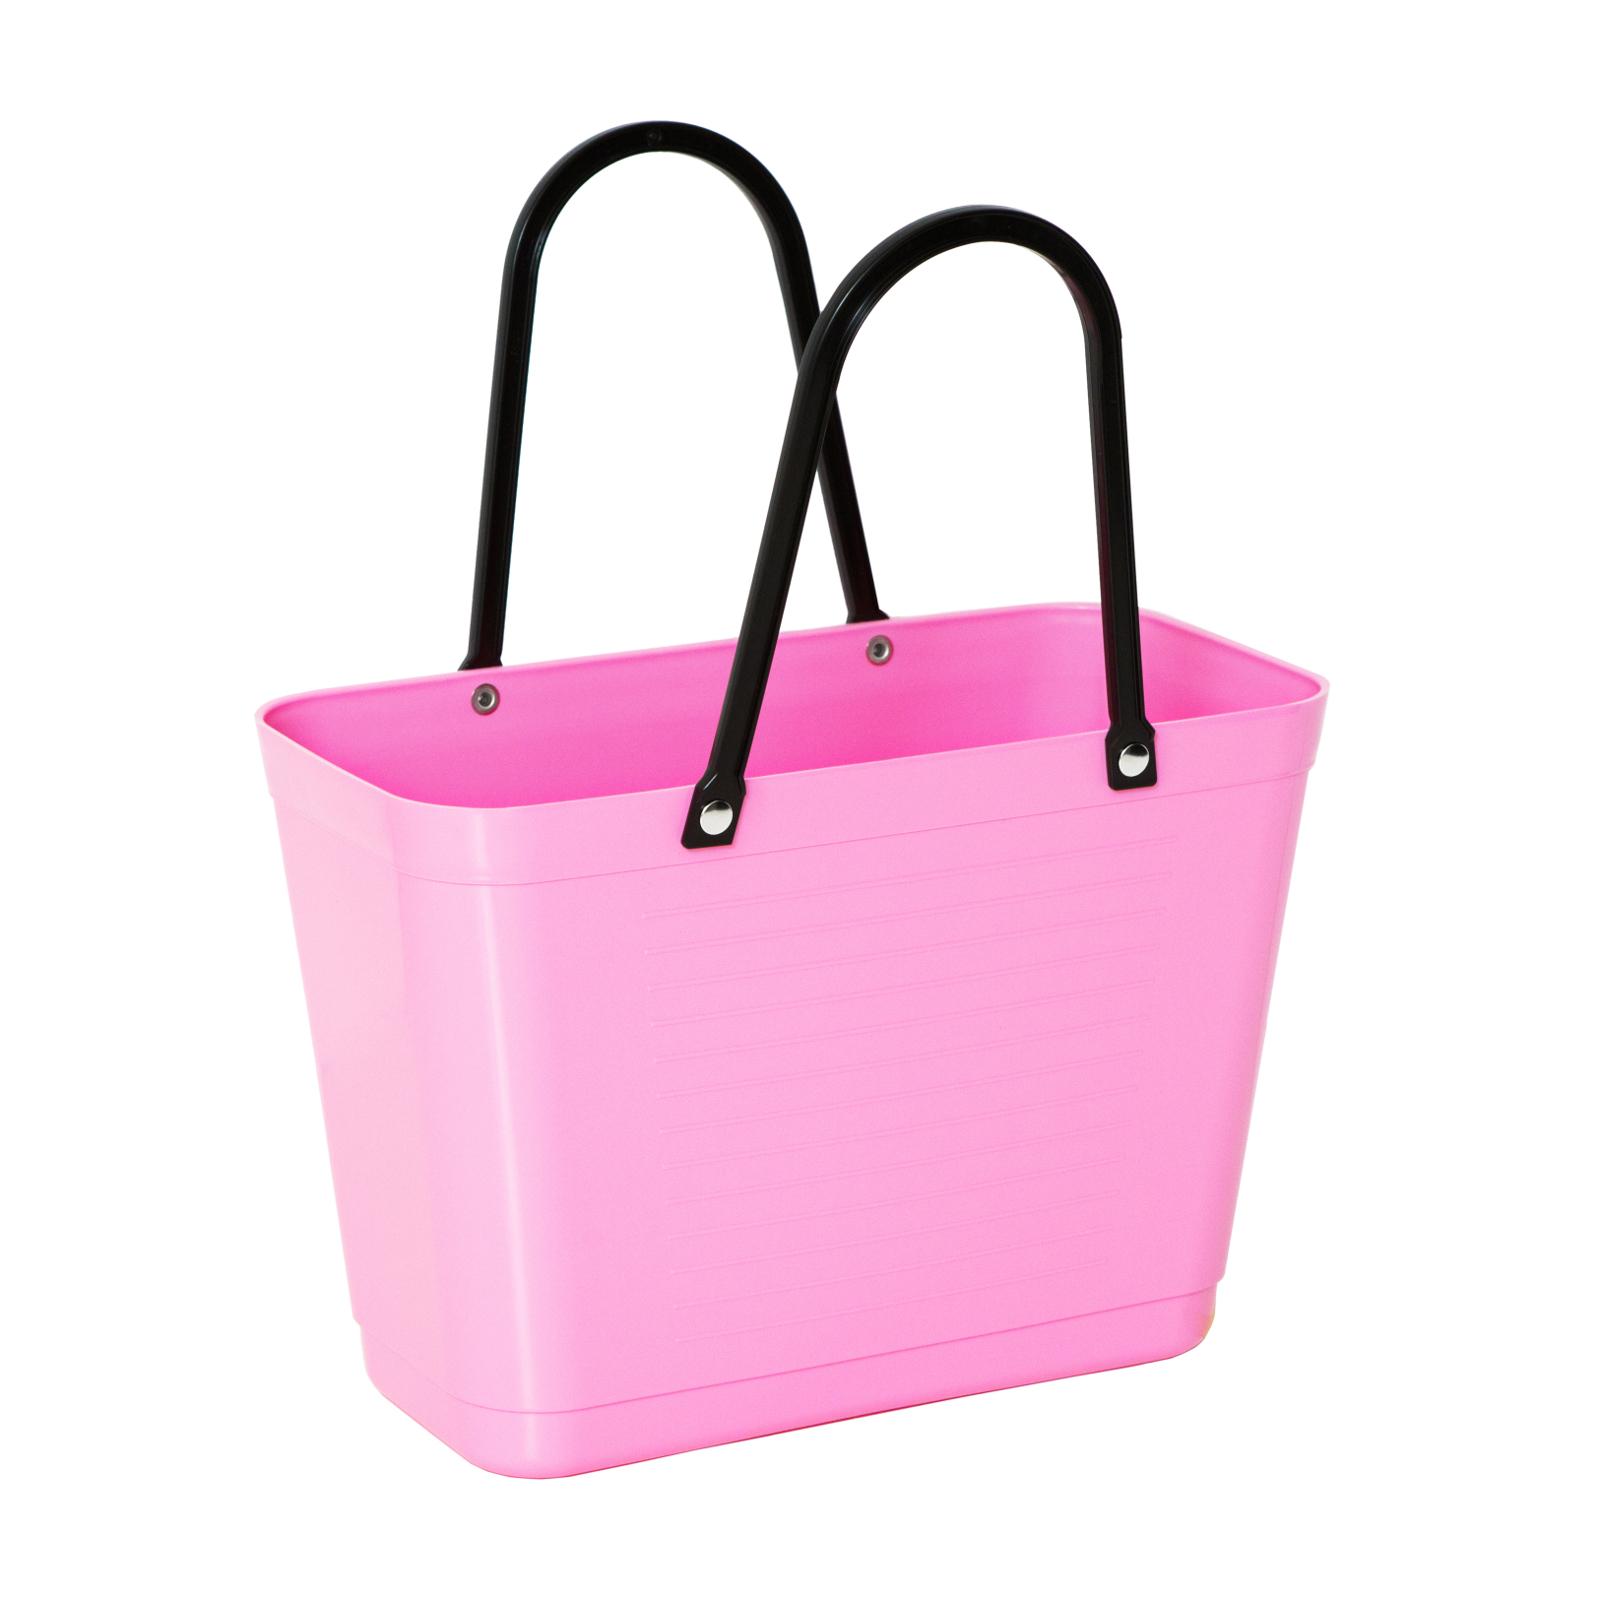 Väska Hinza Liten Rosa Green Plastic